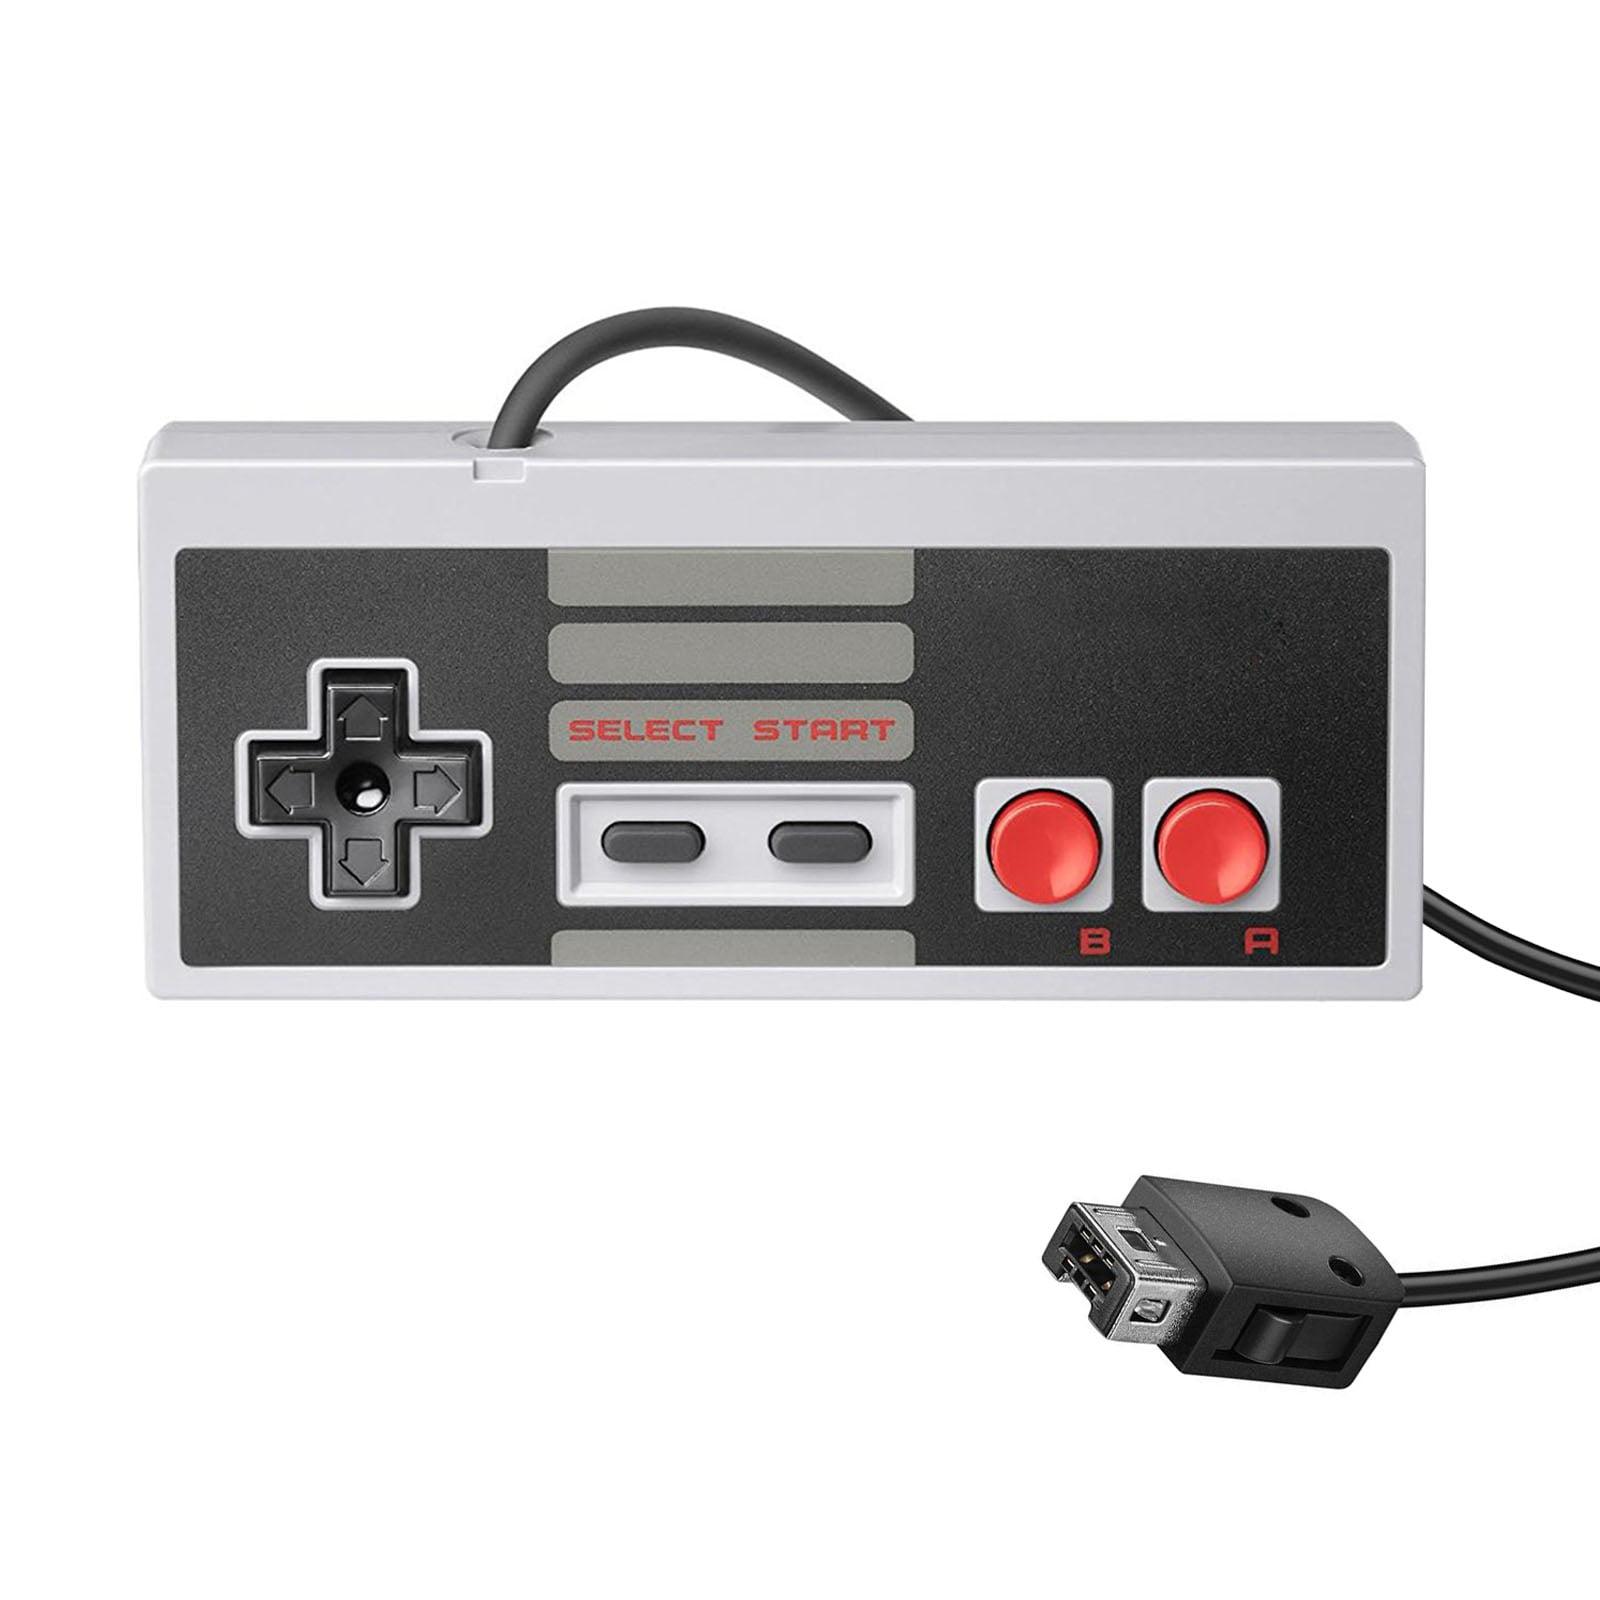 Xbox Juego de Famicom controlador Pad para Nintendo NES Edition Classic Mini consola nuevo + Nintendo en Veo y Compro